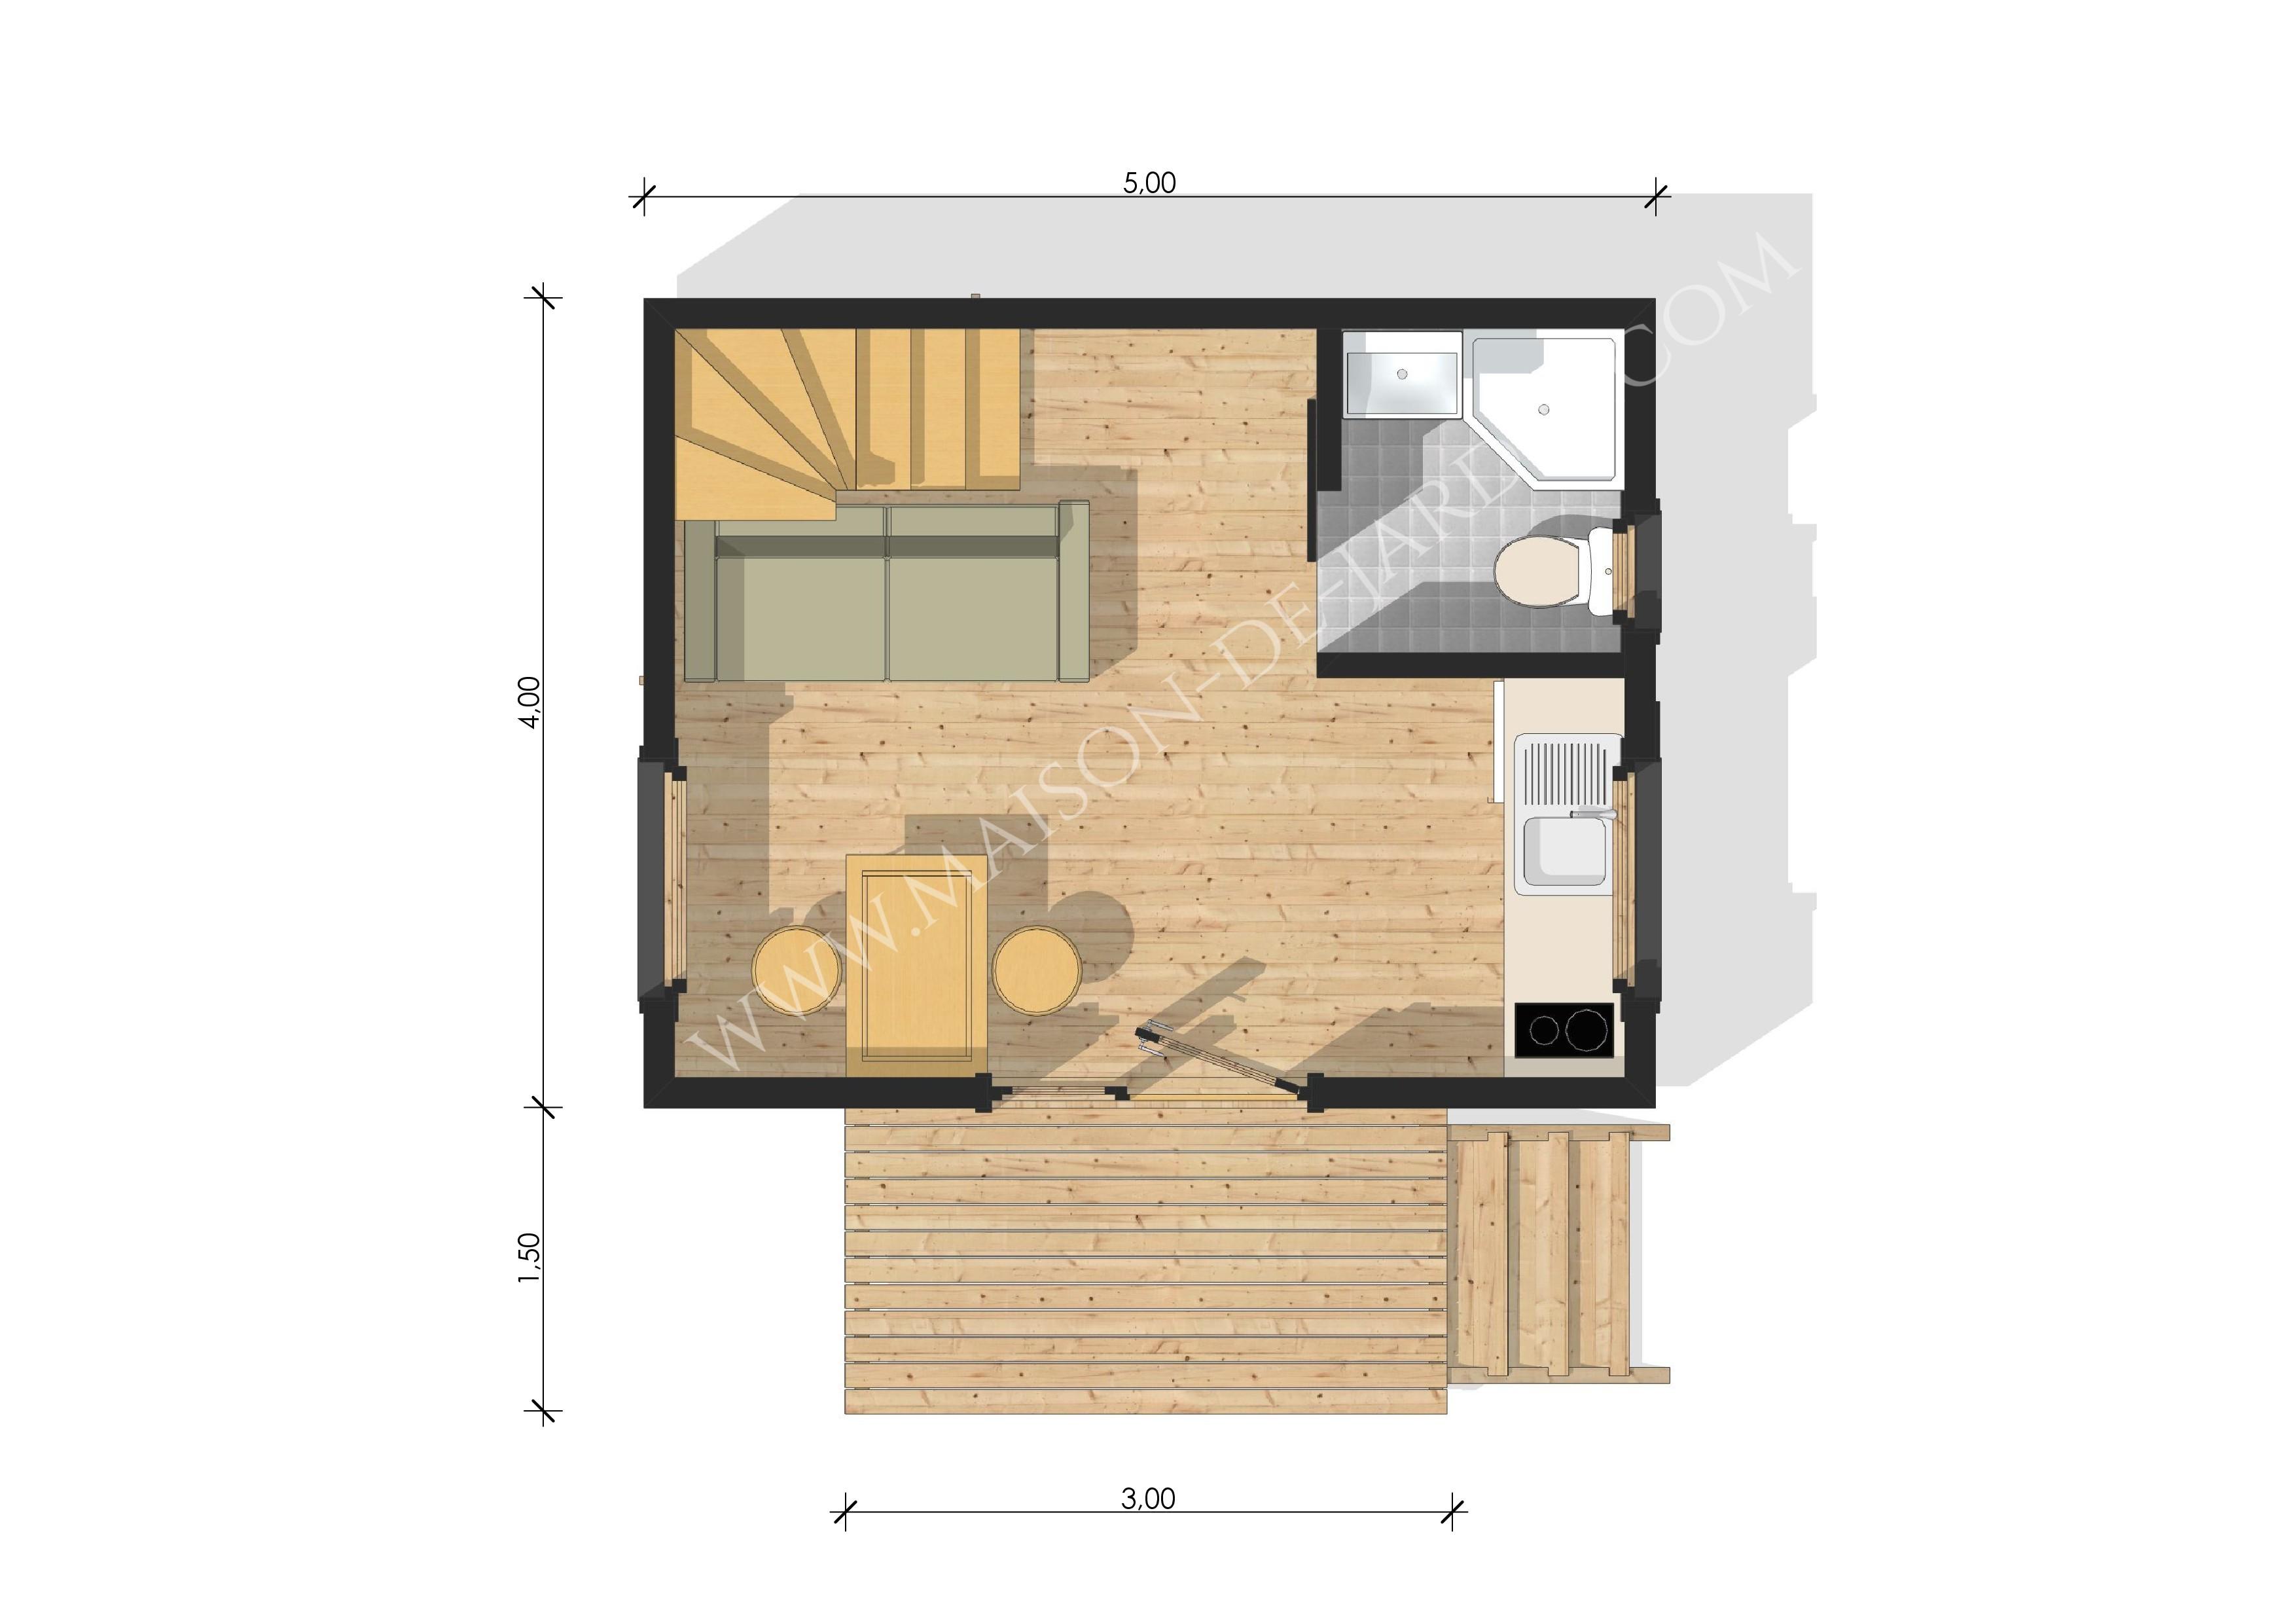 Maison Ossature Bois Bordeaux studio de jardin avec ossature bois bordeaux 37 m² : 36900